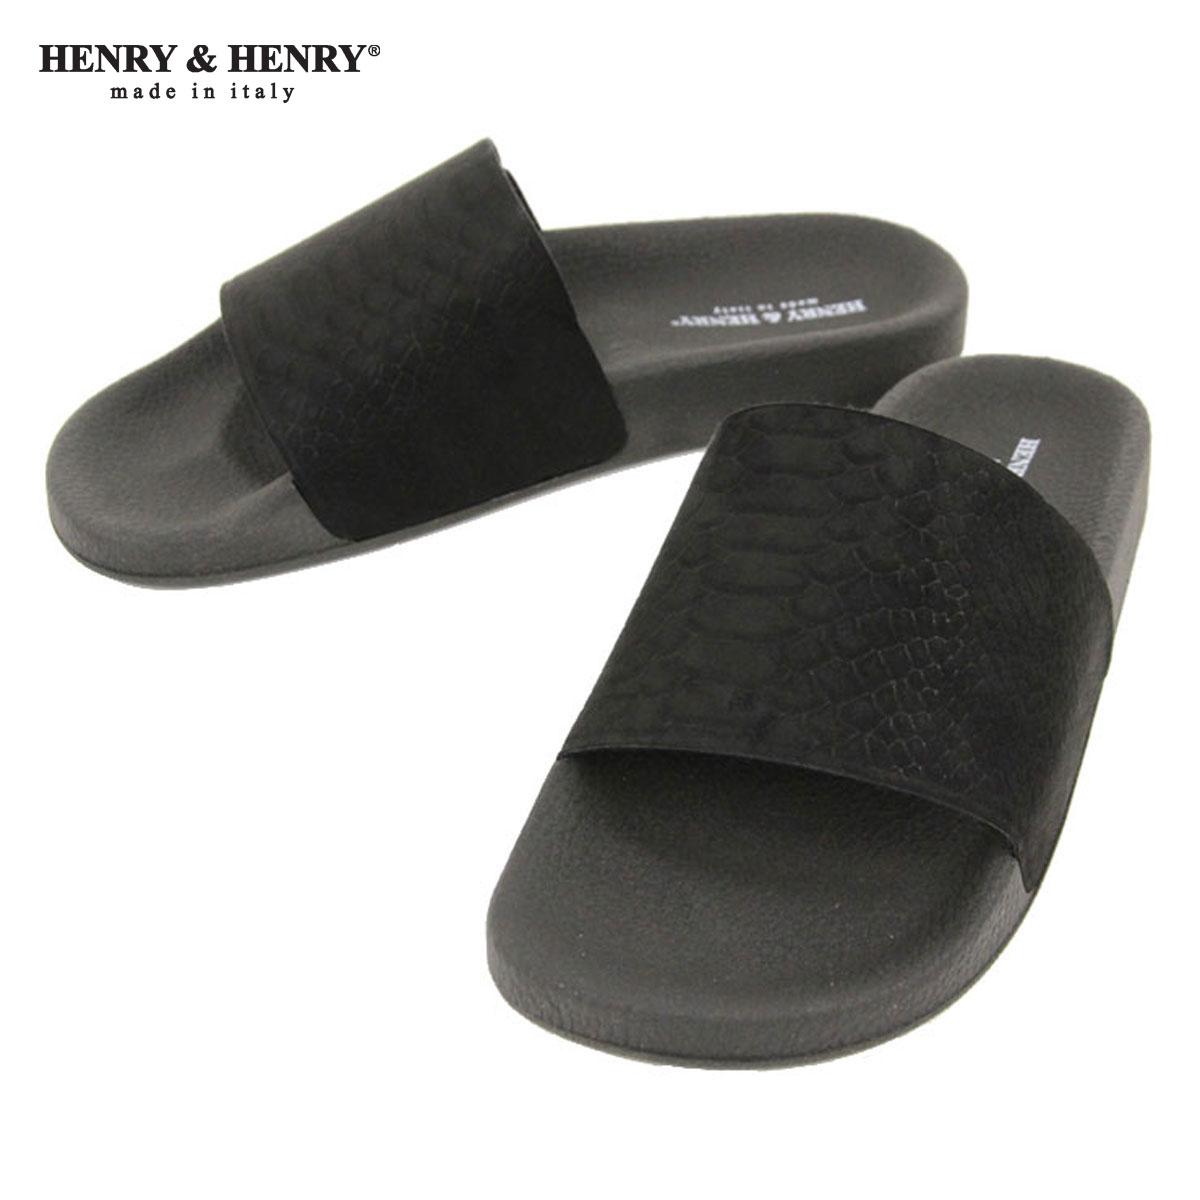 ヘンリーアンドヘンリー HENRY&HENRY 正規販売店 サンダル 180 CROTALO SHOWER SANDAL CROTALO NERO  A66B B3C C4D D3E E13F